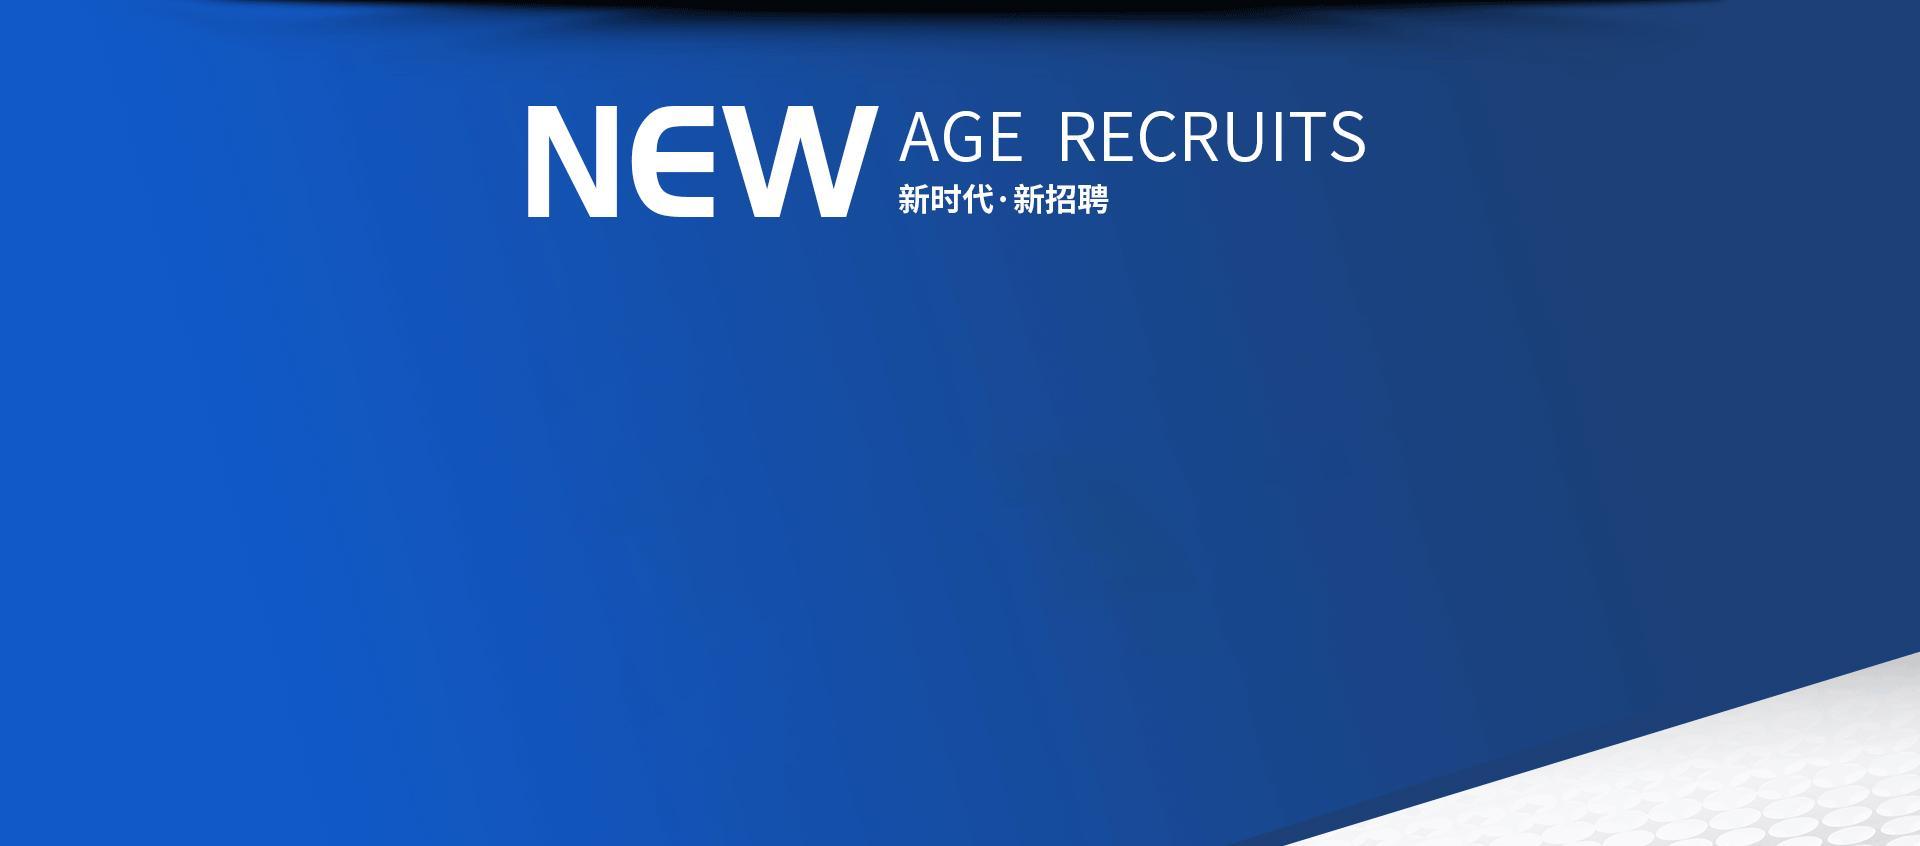 新时代 新招聘